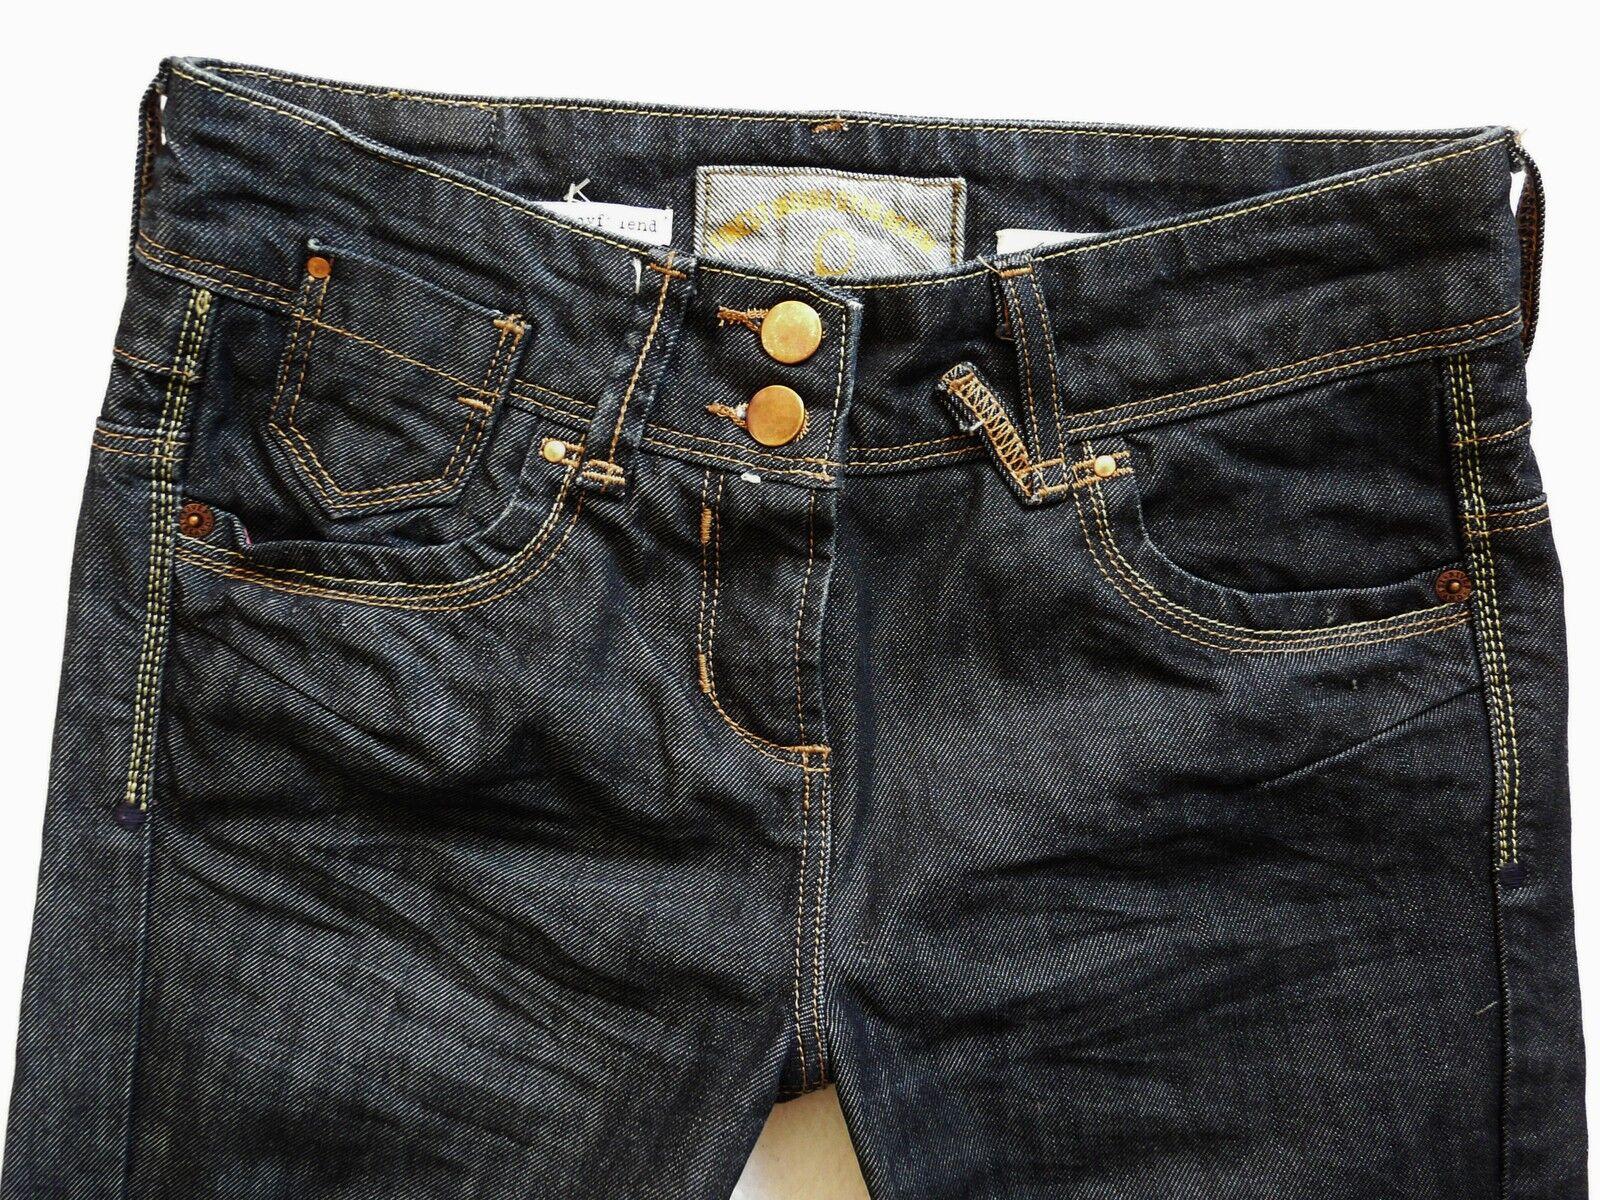 River Island Donna Jeans Taglia Taglia Taglia 6 R Fidanzato lavaggio scuro doppio bottone 26 32 2185ed